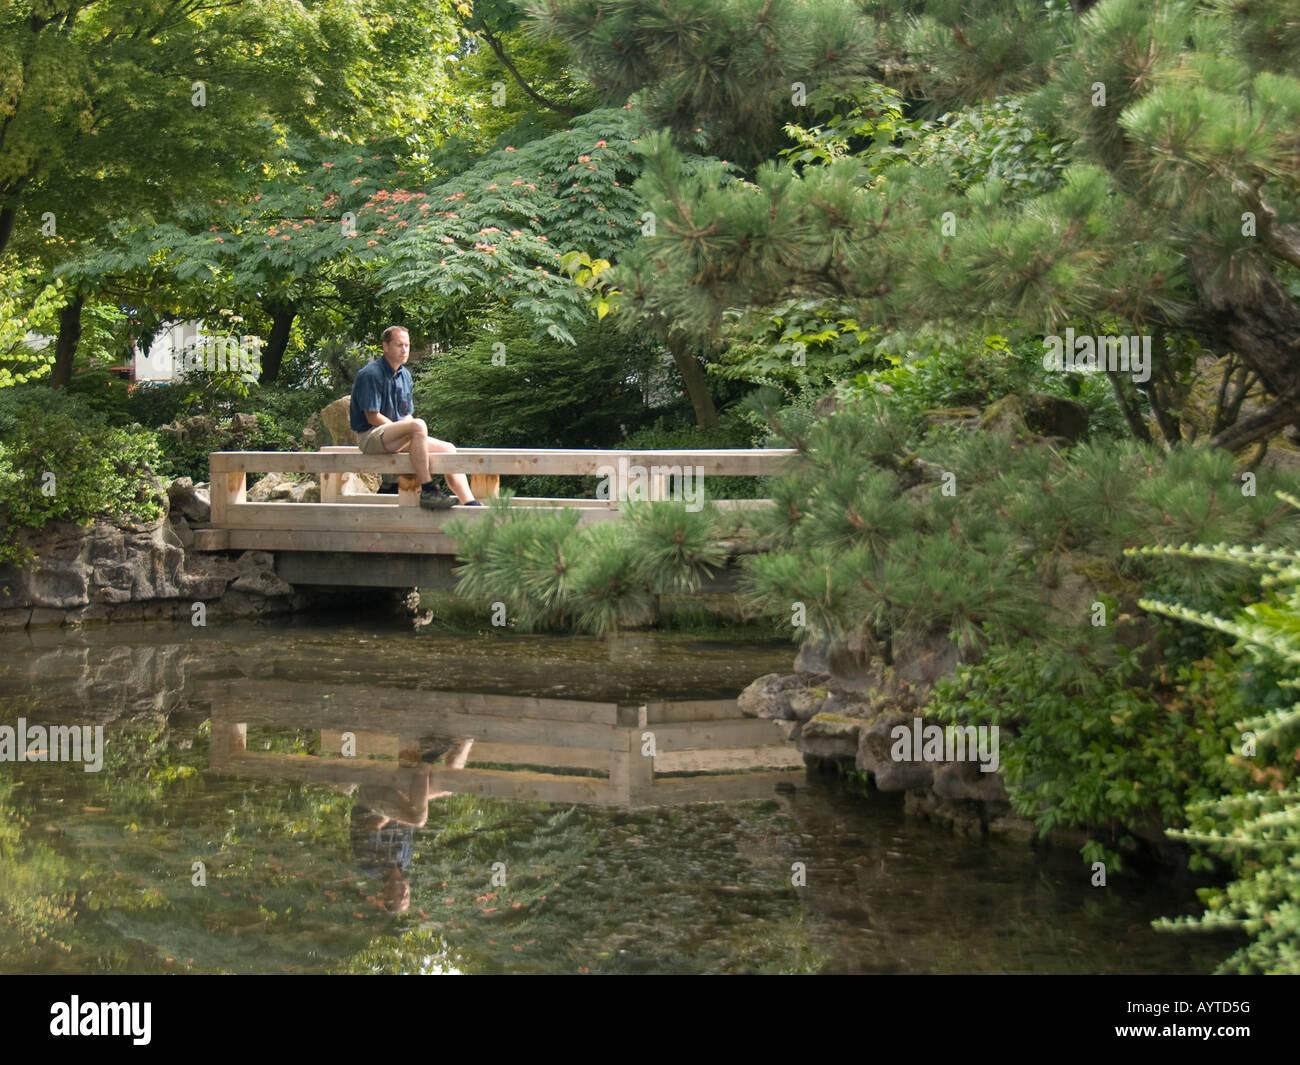 Un hombre solitario se sienta y contempla en un jardín chino. Imagen De Stock